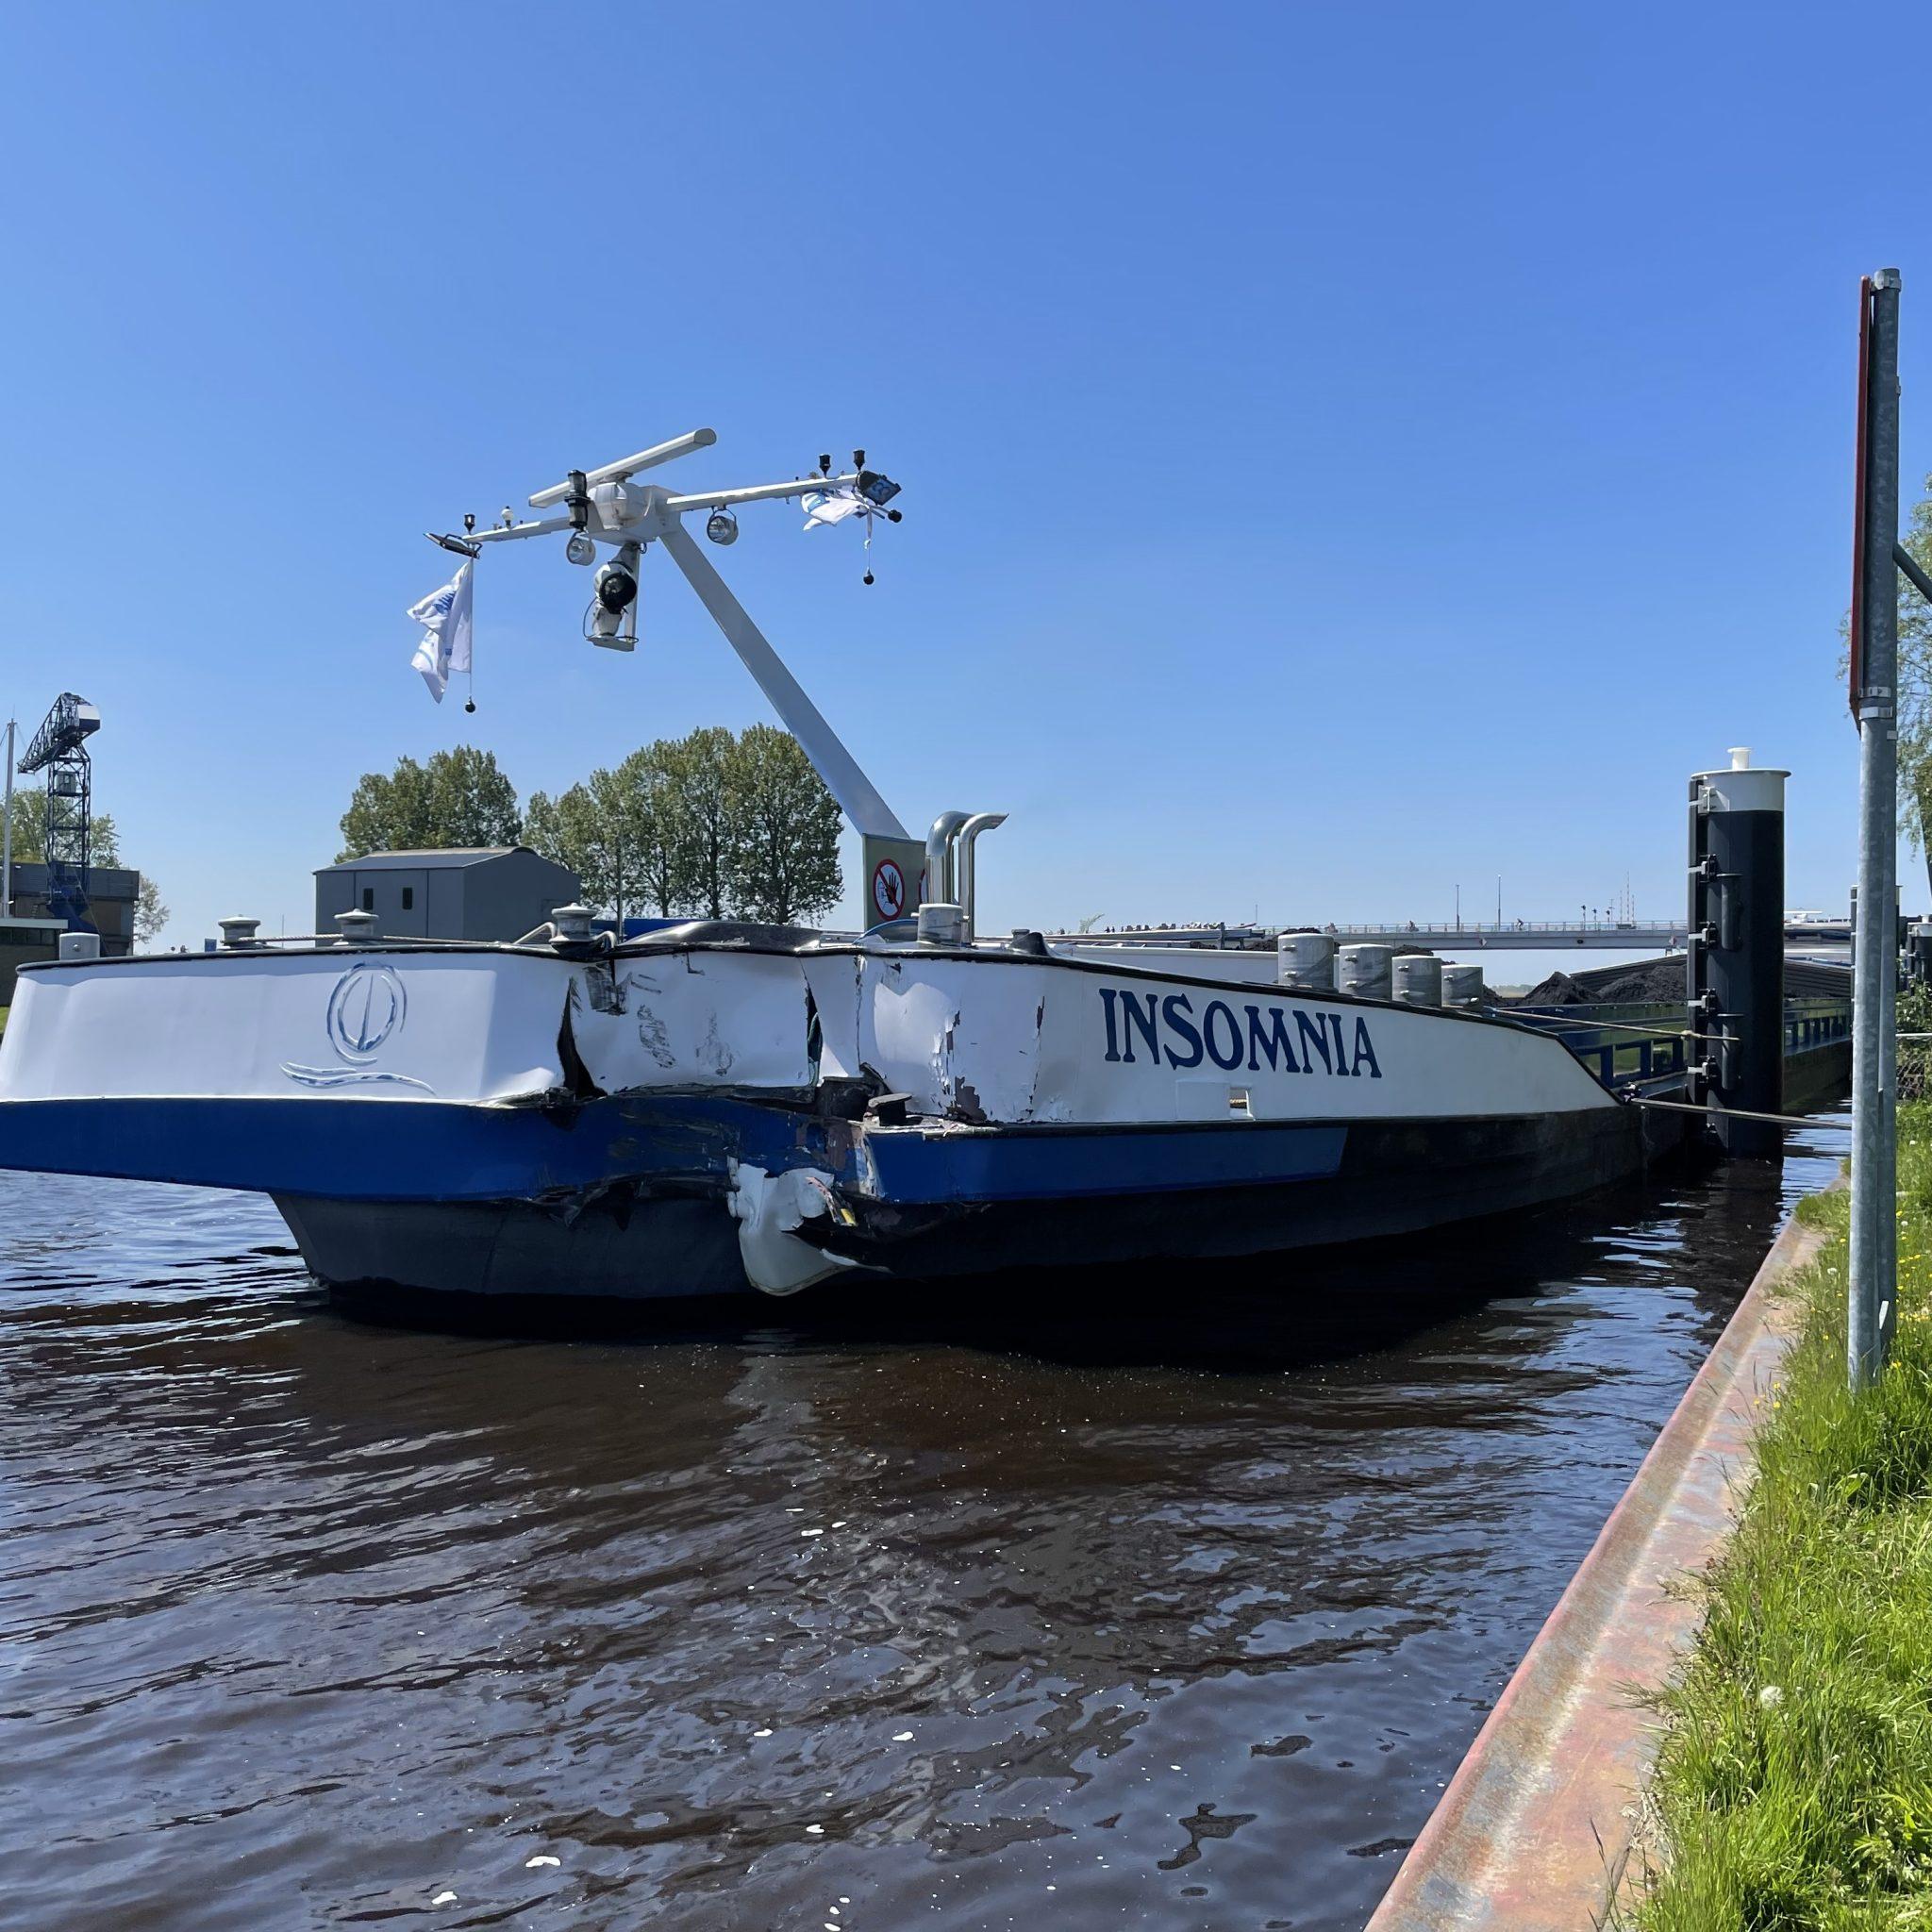 In 2021 lijken er opnieuw veel aanvaringen te zijn met bruggen, waaronder de Fonejachtbrug in Garyp. (Foto VOF Noordernieuws)